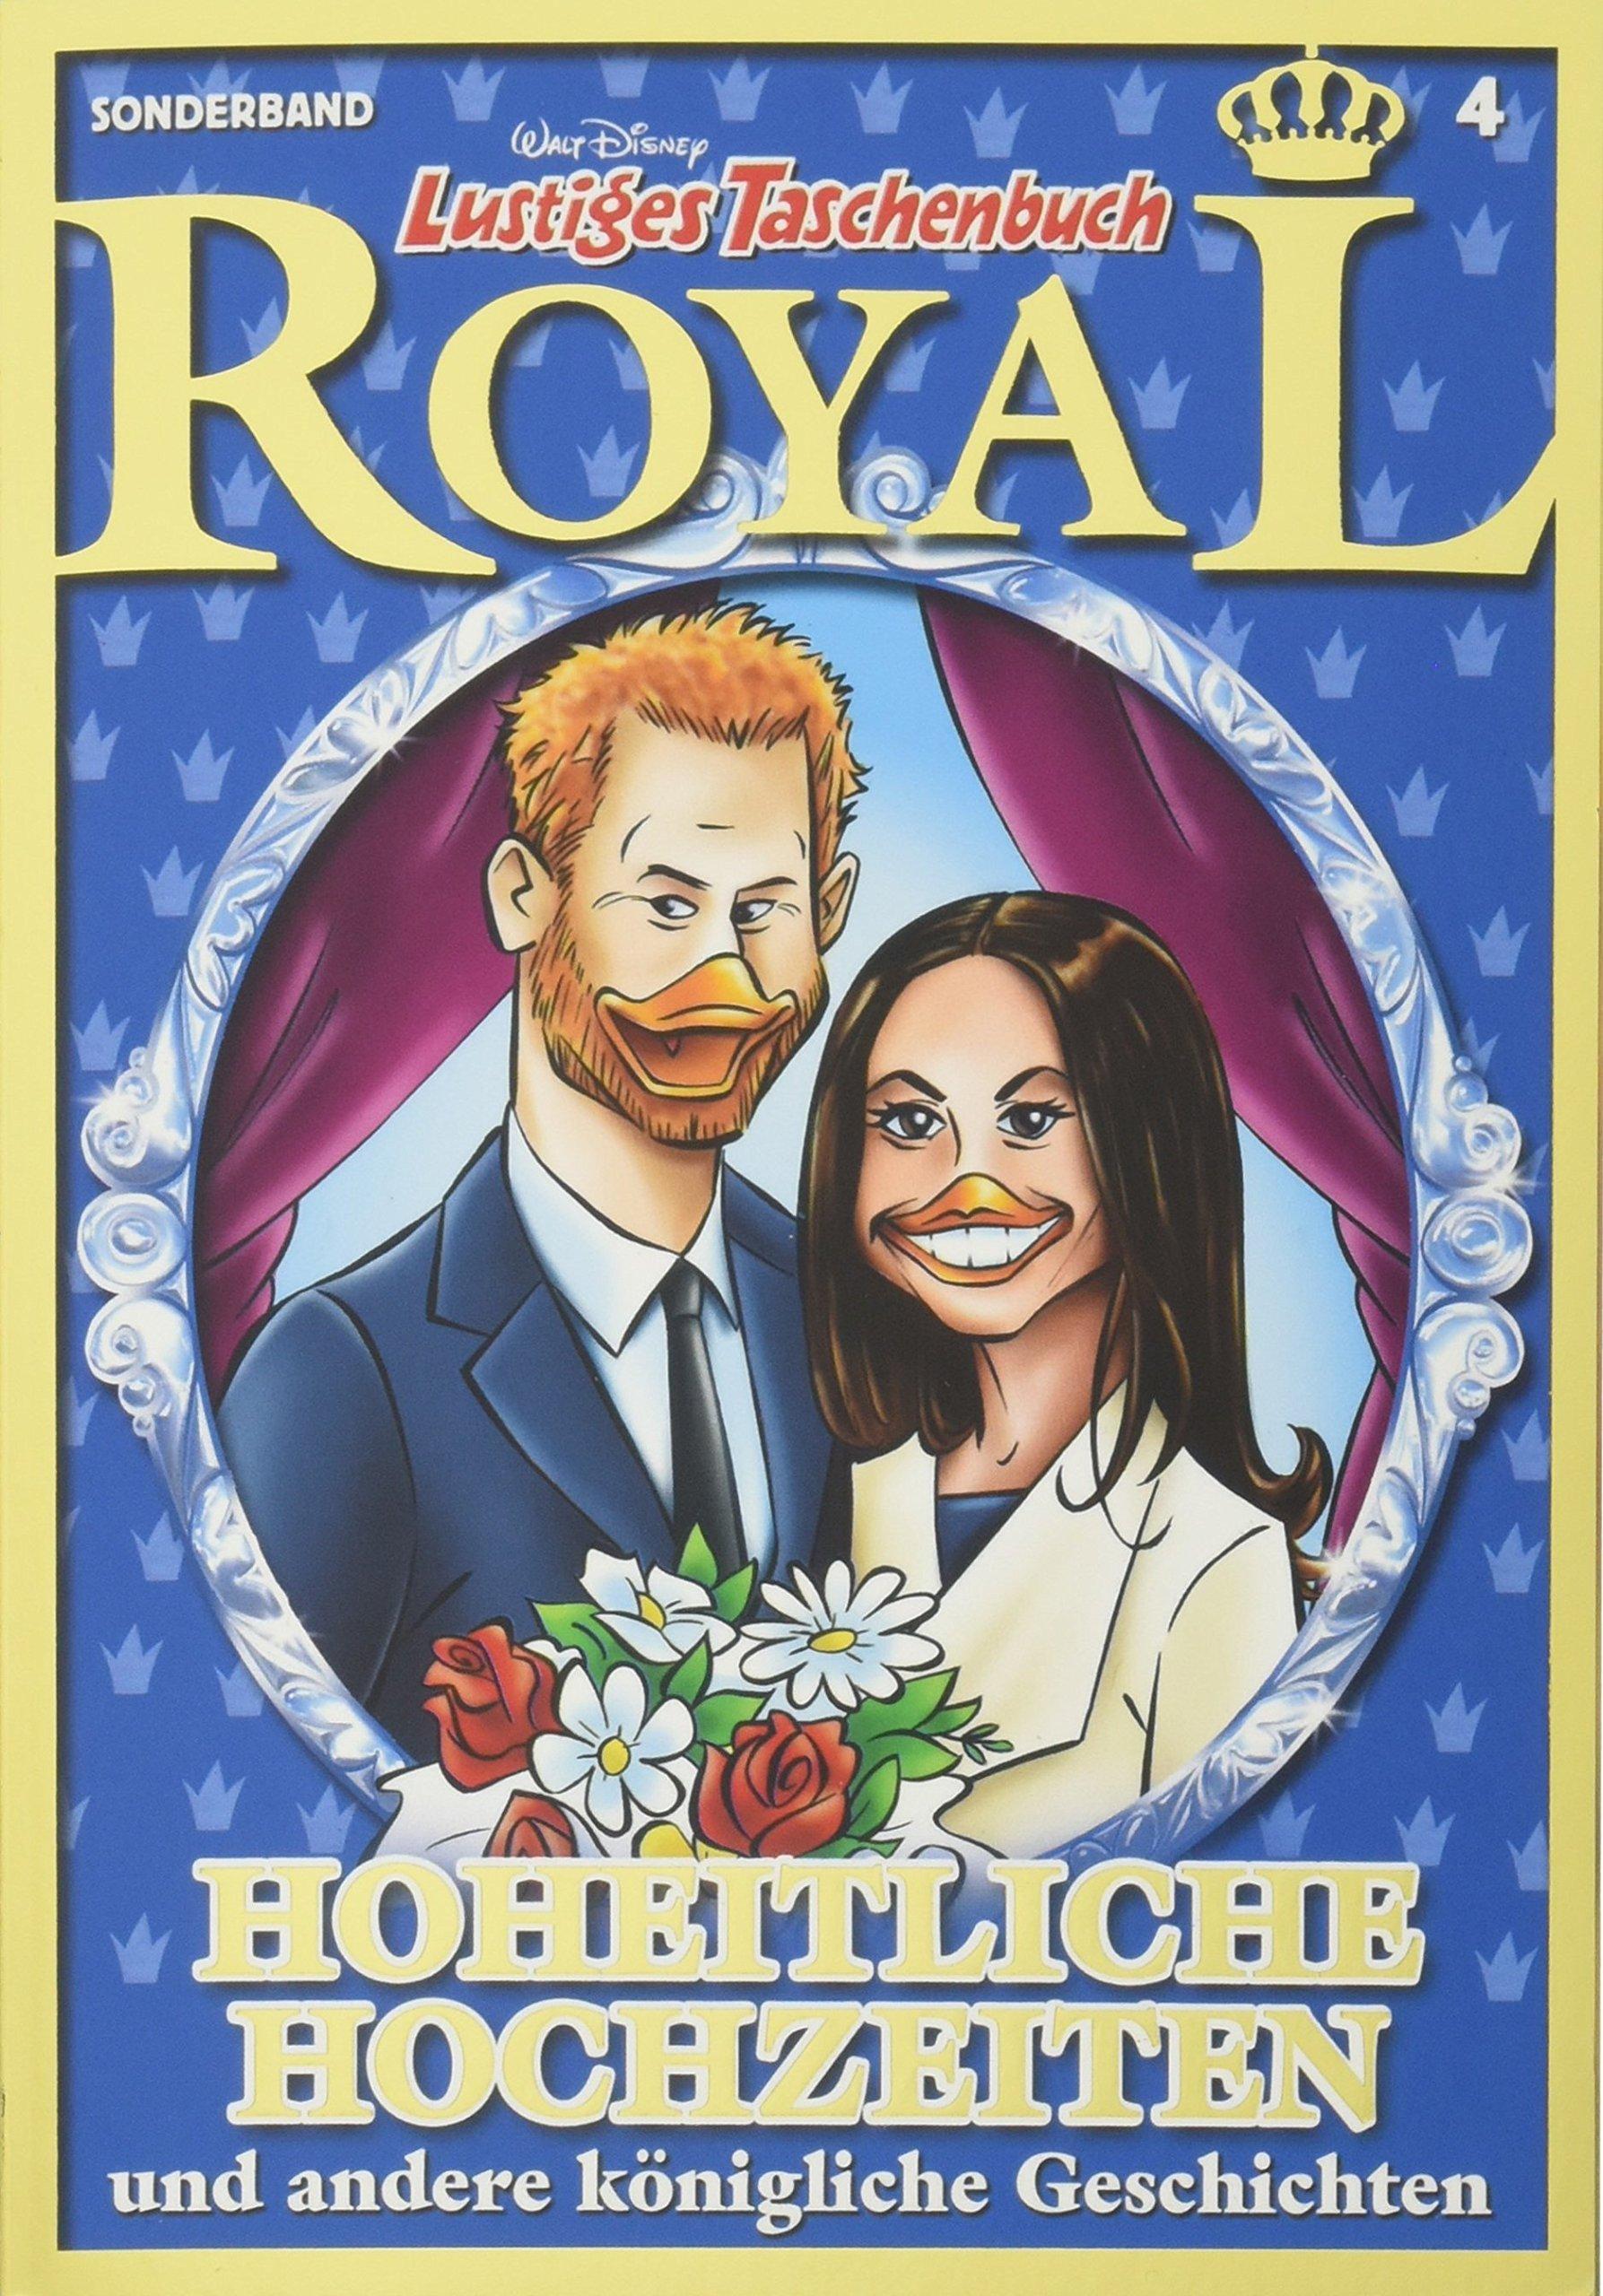 Lustiges Taschenbuch Royal - Hoheitliche Hochzeiten: und andere königliche Geschichten